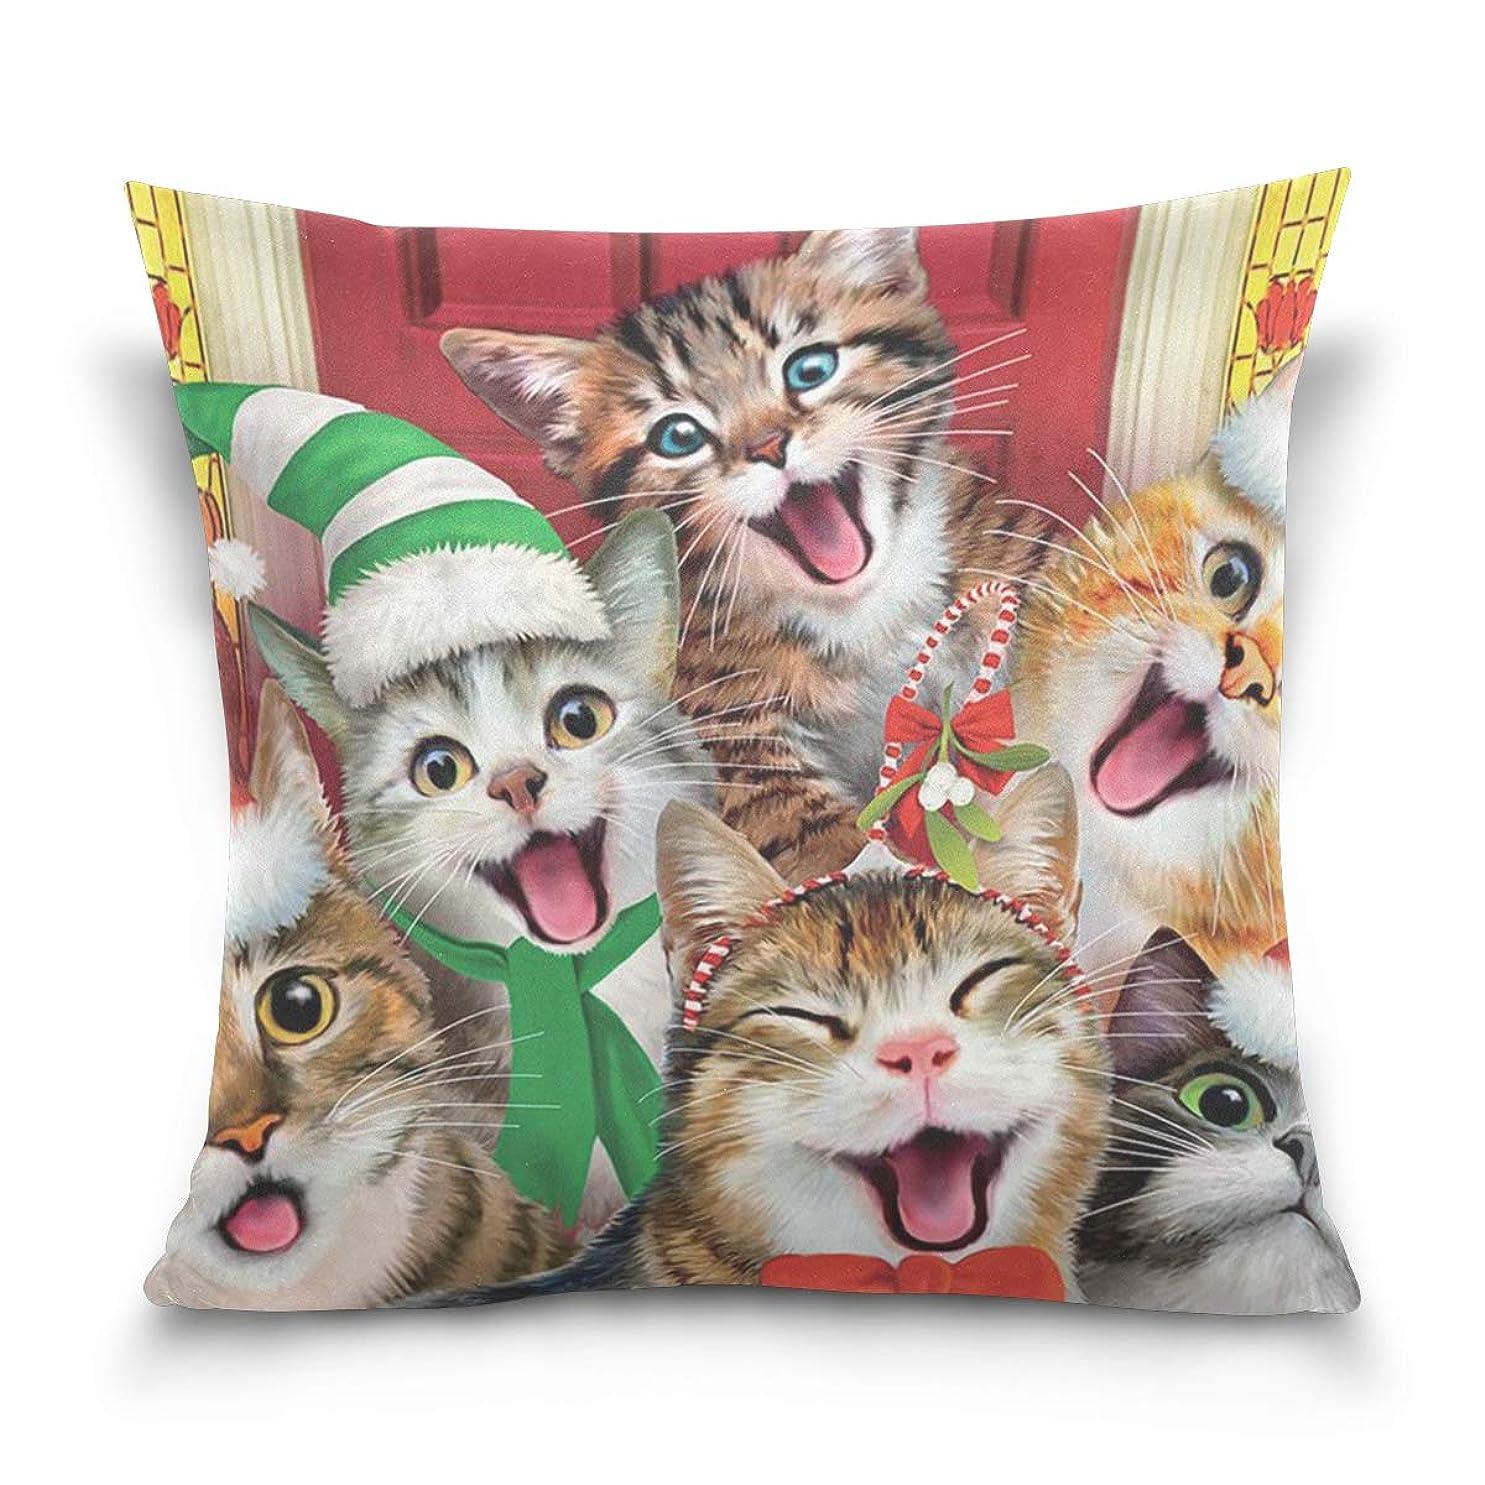 埋める不潔ペアクッションカバー 枕カバー クリスマスキャット 猫 角型 まくらカバー インテリア飾り 部屋 ソファー オフィス 車用 45x45cm